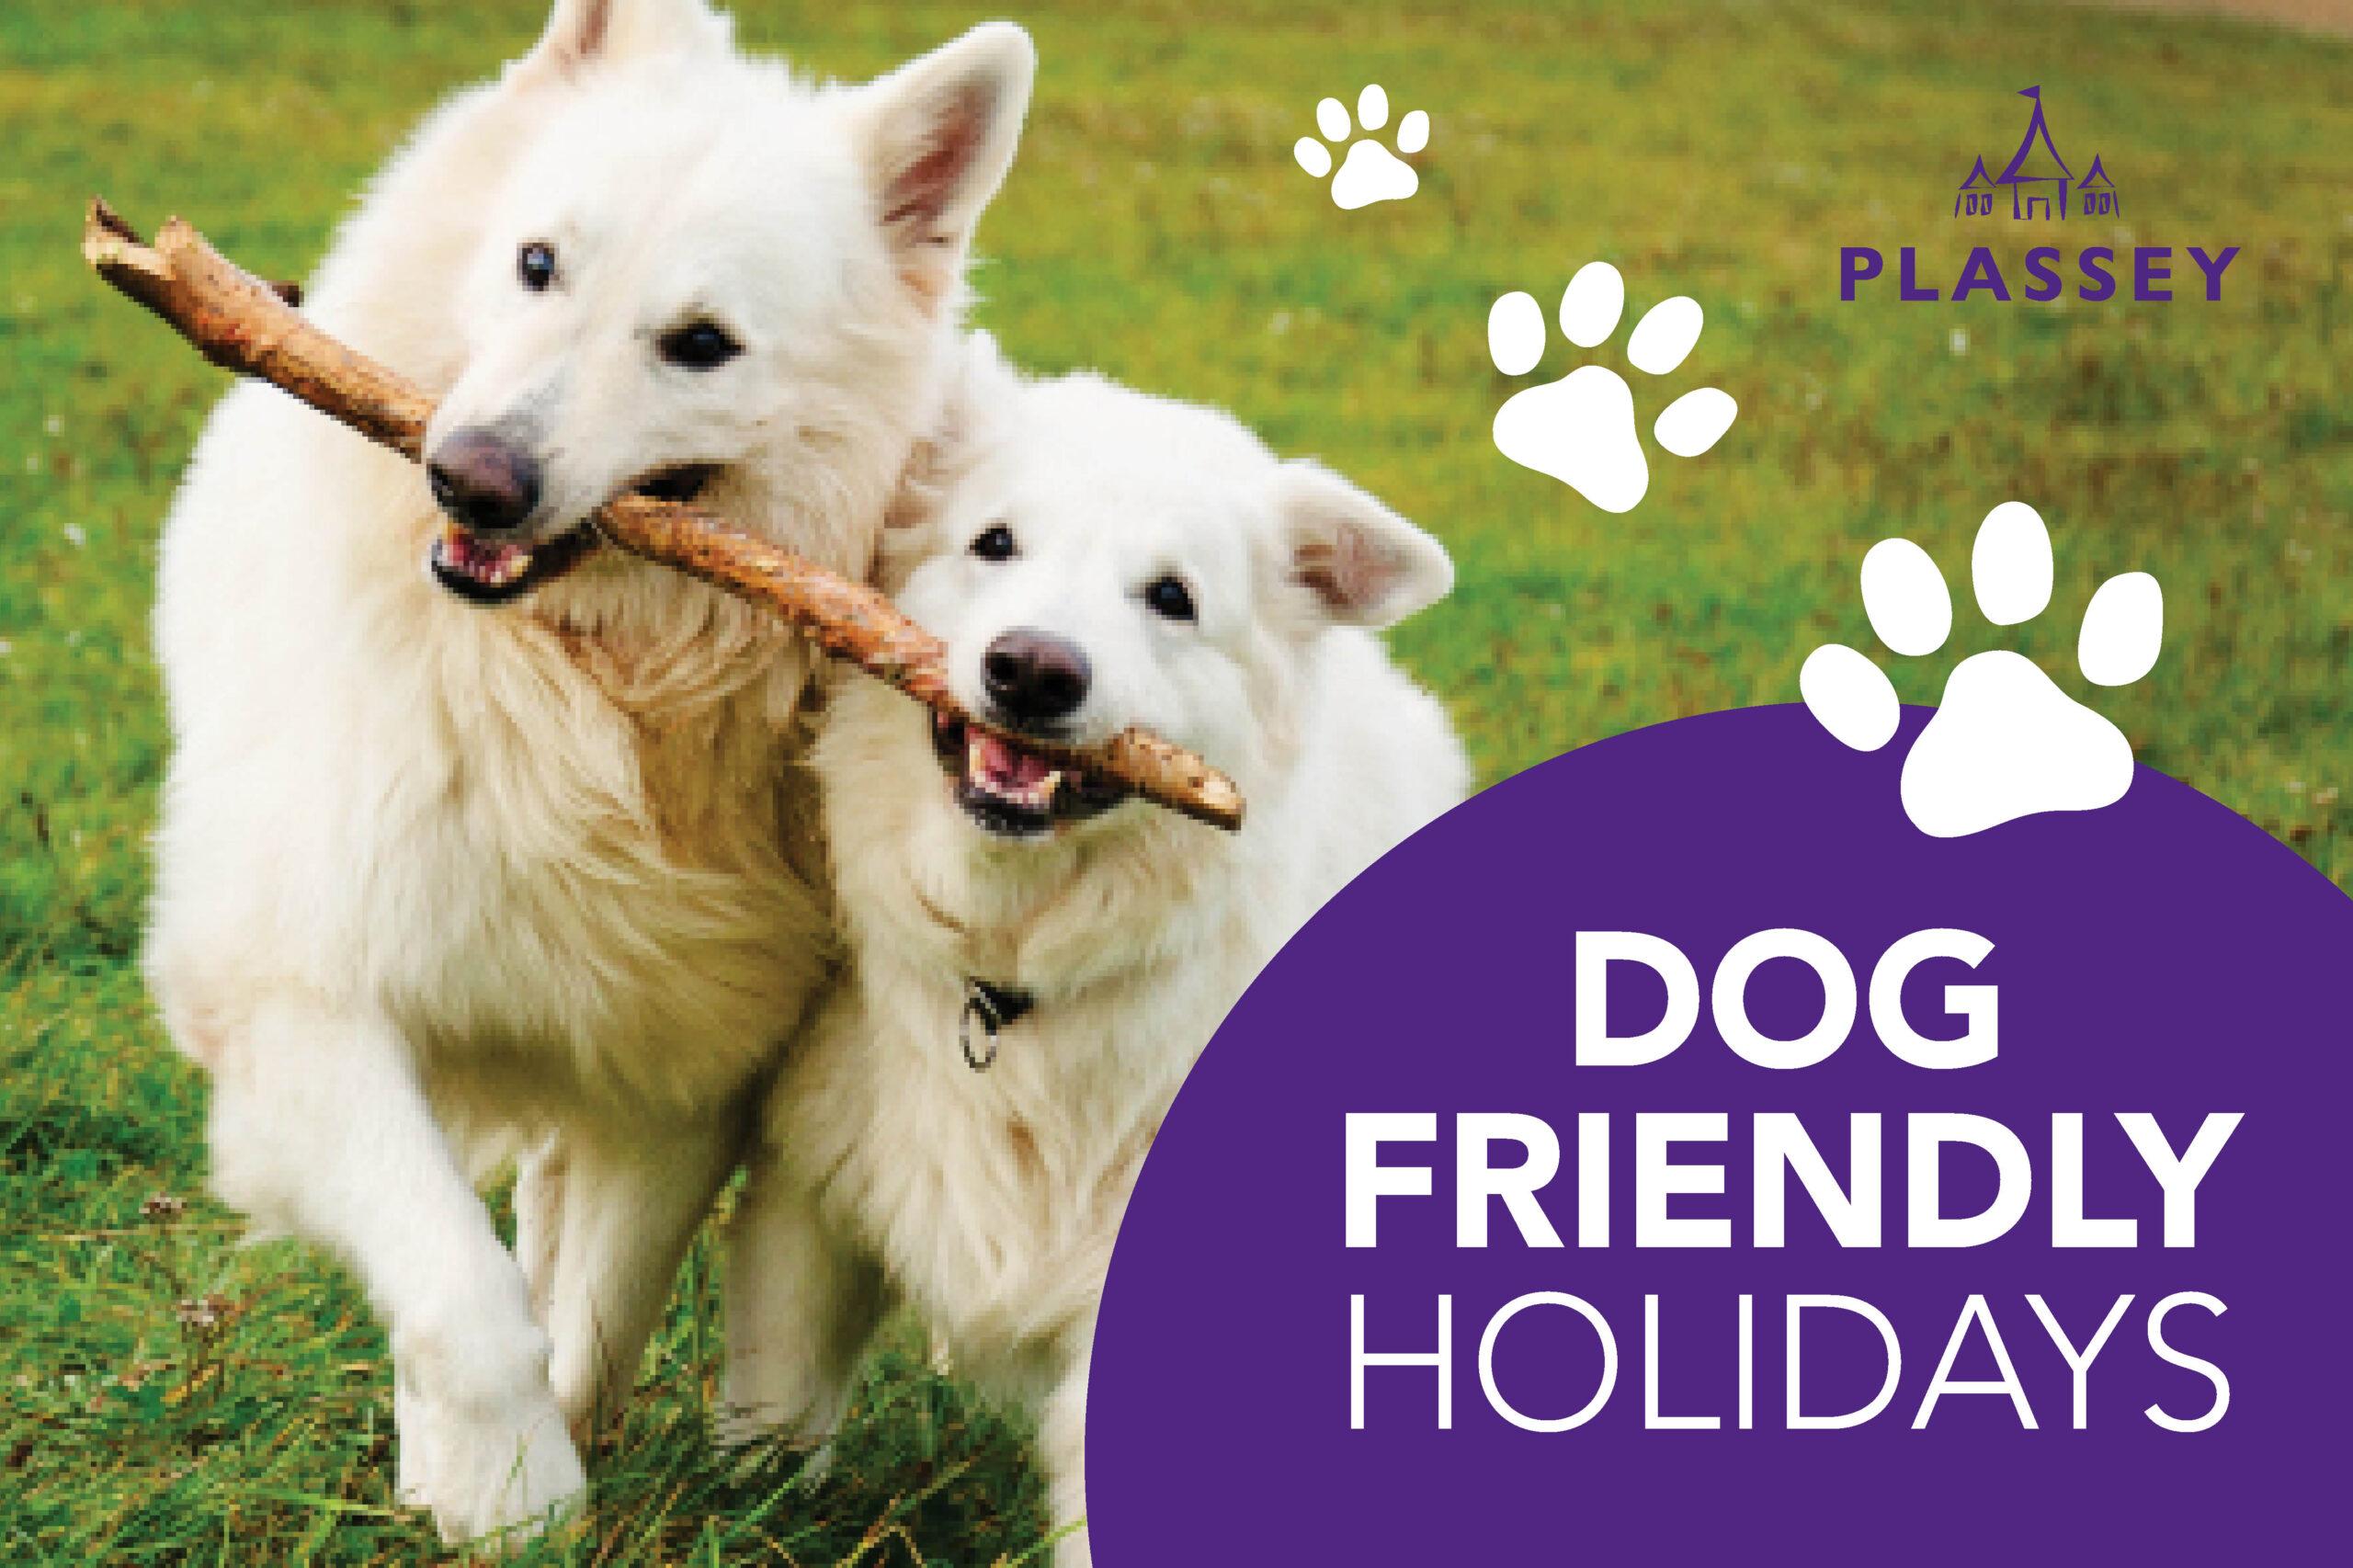 Plassey_Dog Friendly Holidays